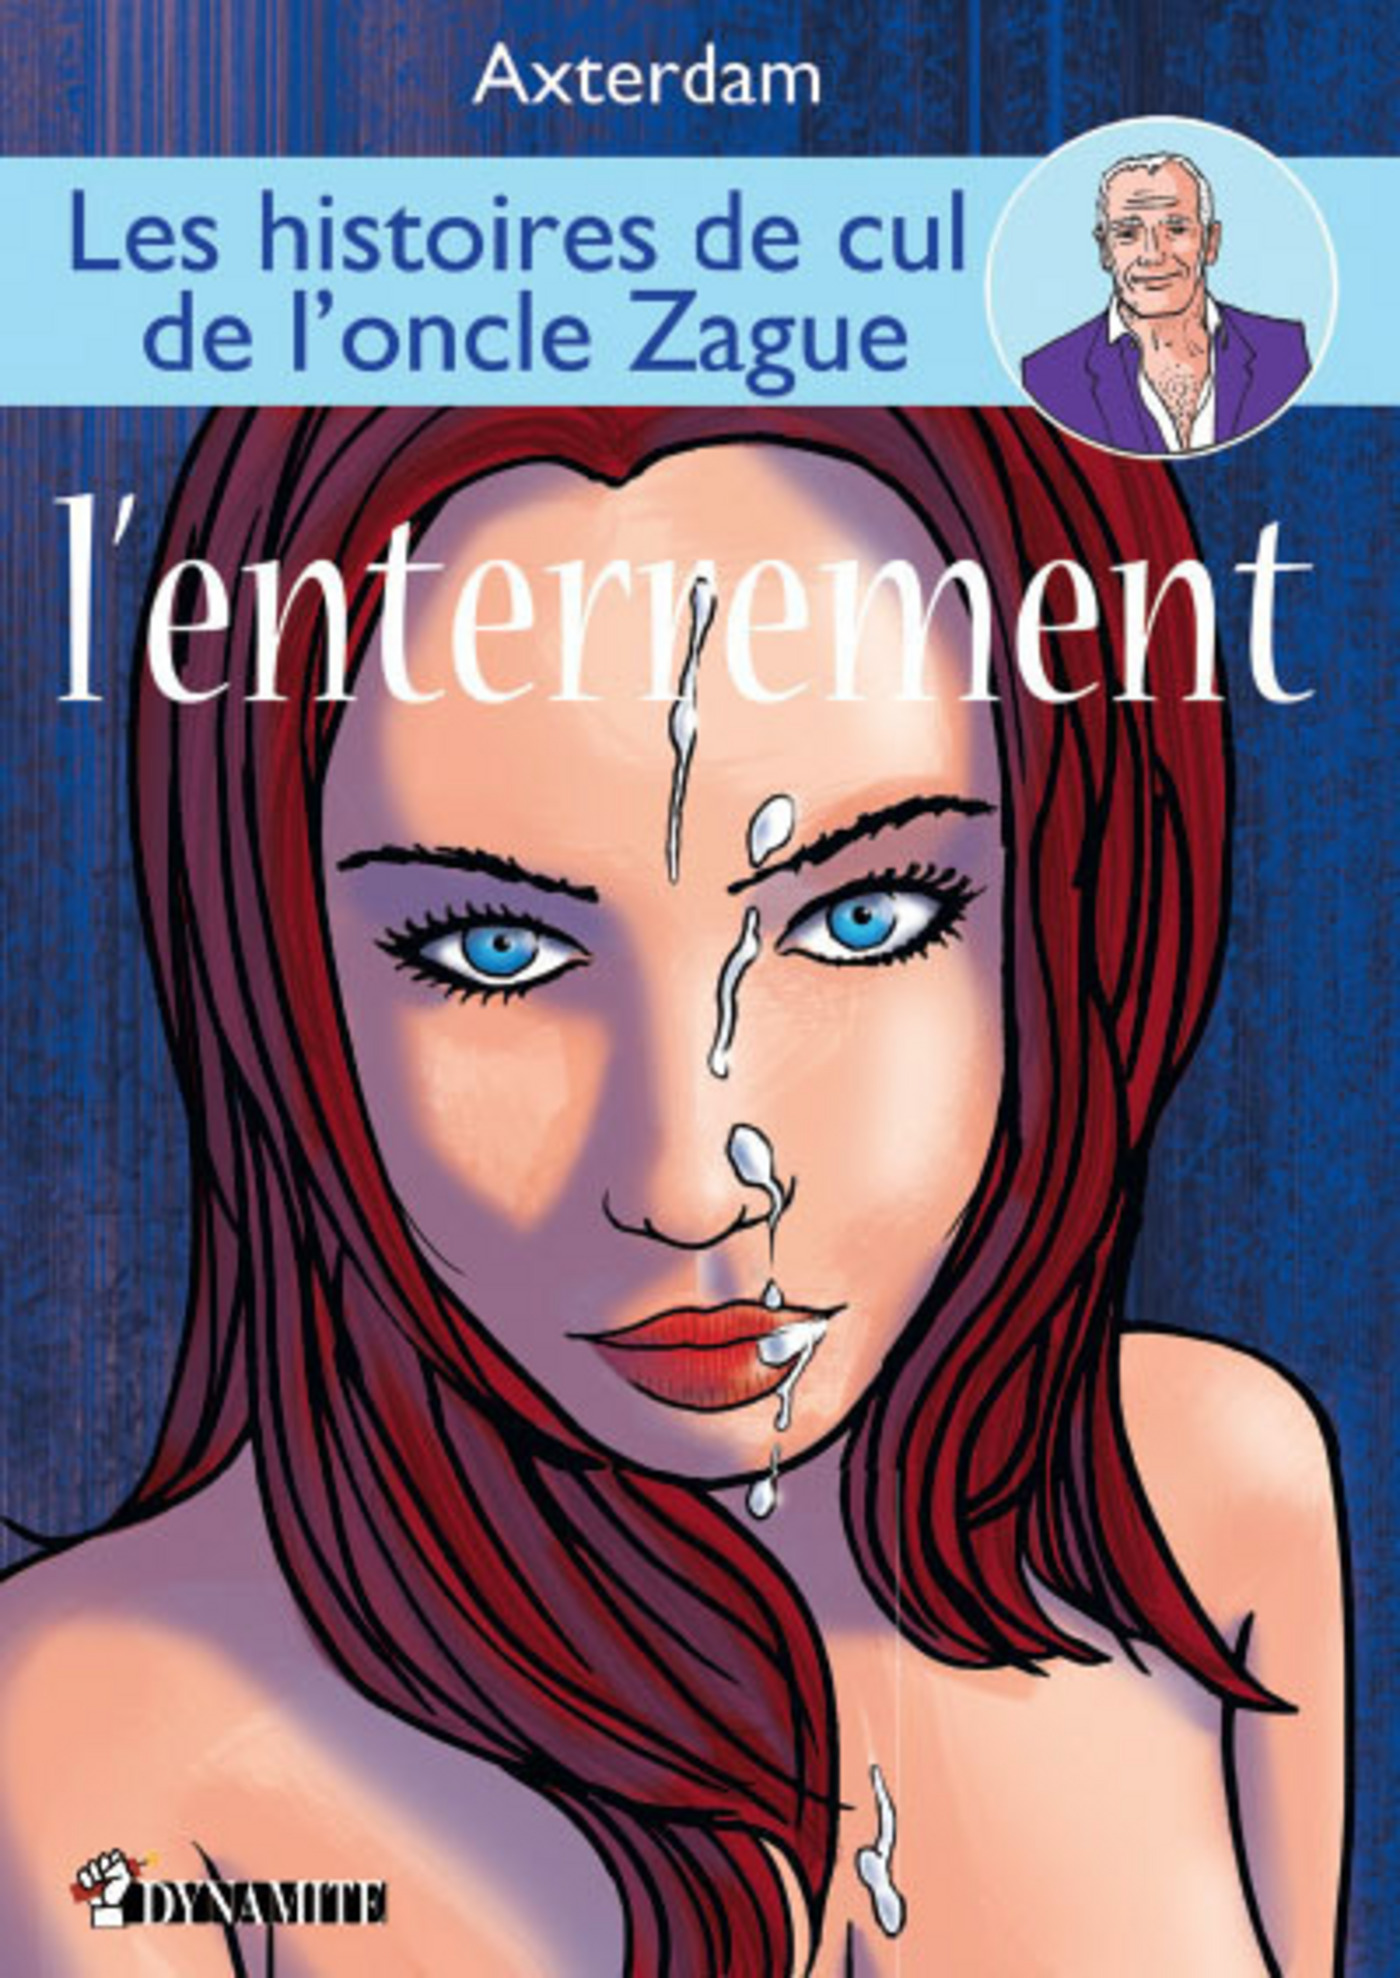 Les Histoires de l'oncle Zague - tome 3